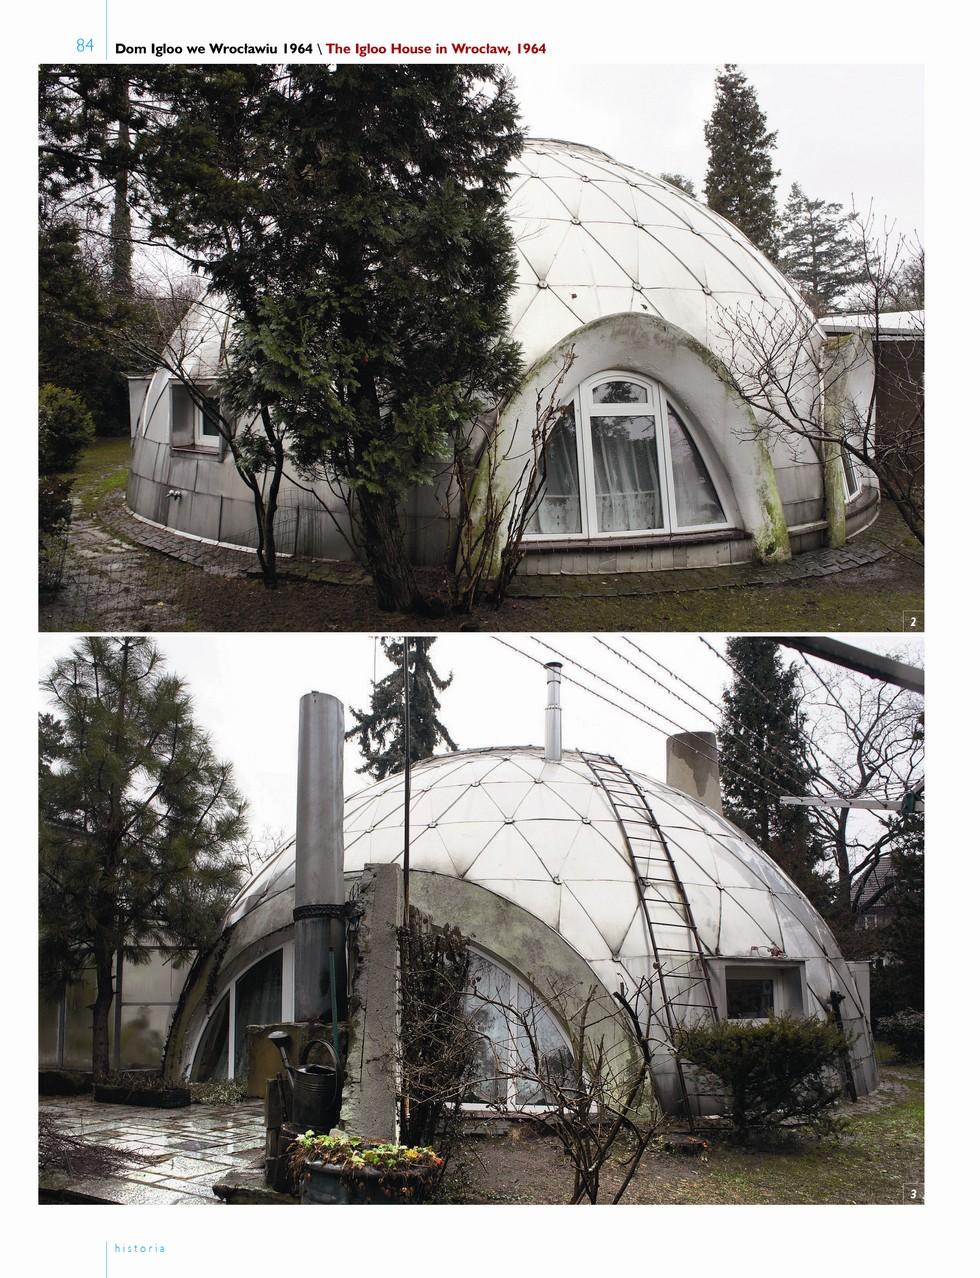 Dom igloo we Wrocławiu 1964